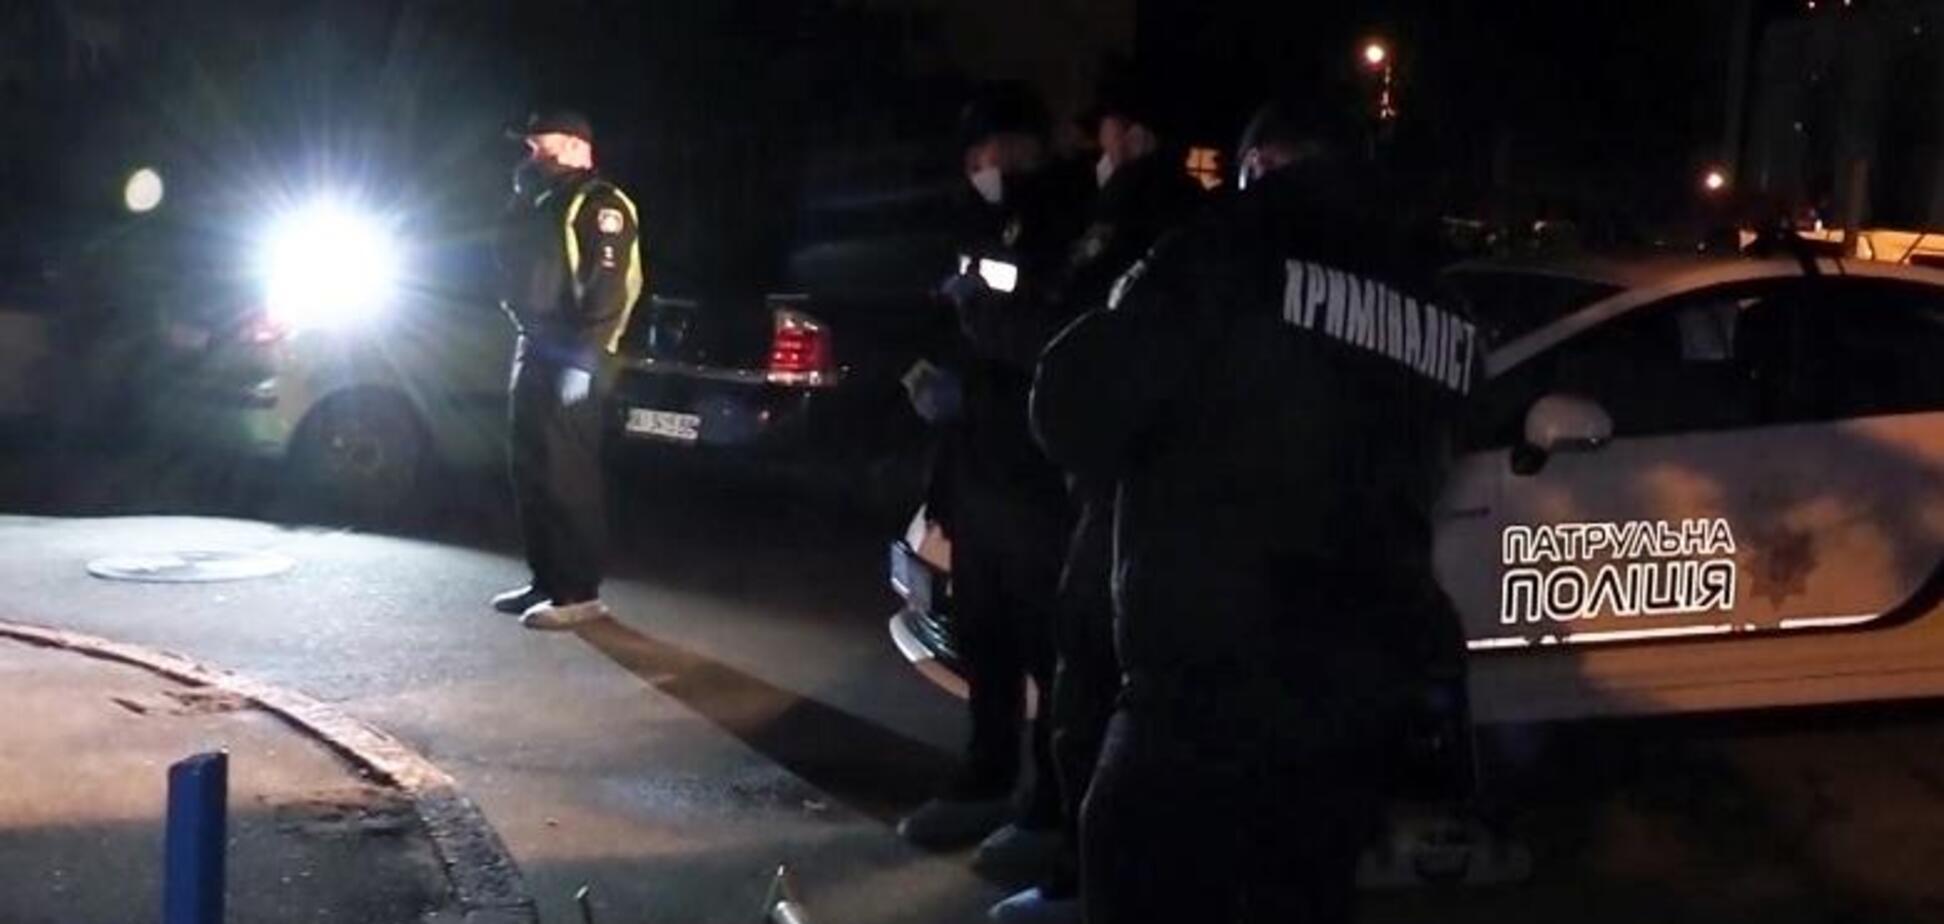 В Киеве мужчина набросился с ножом на друзей падчерицы, есть погибший